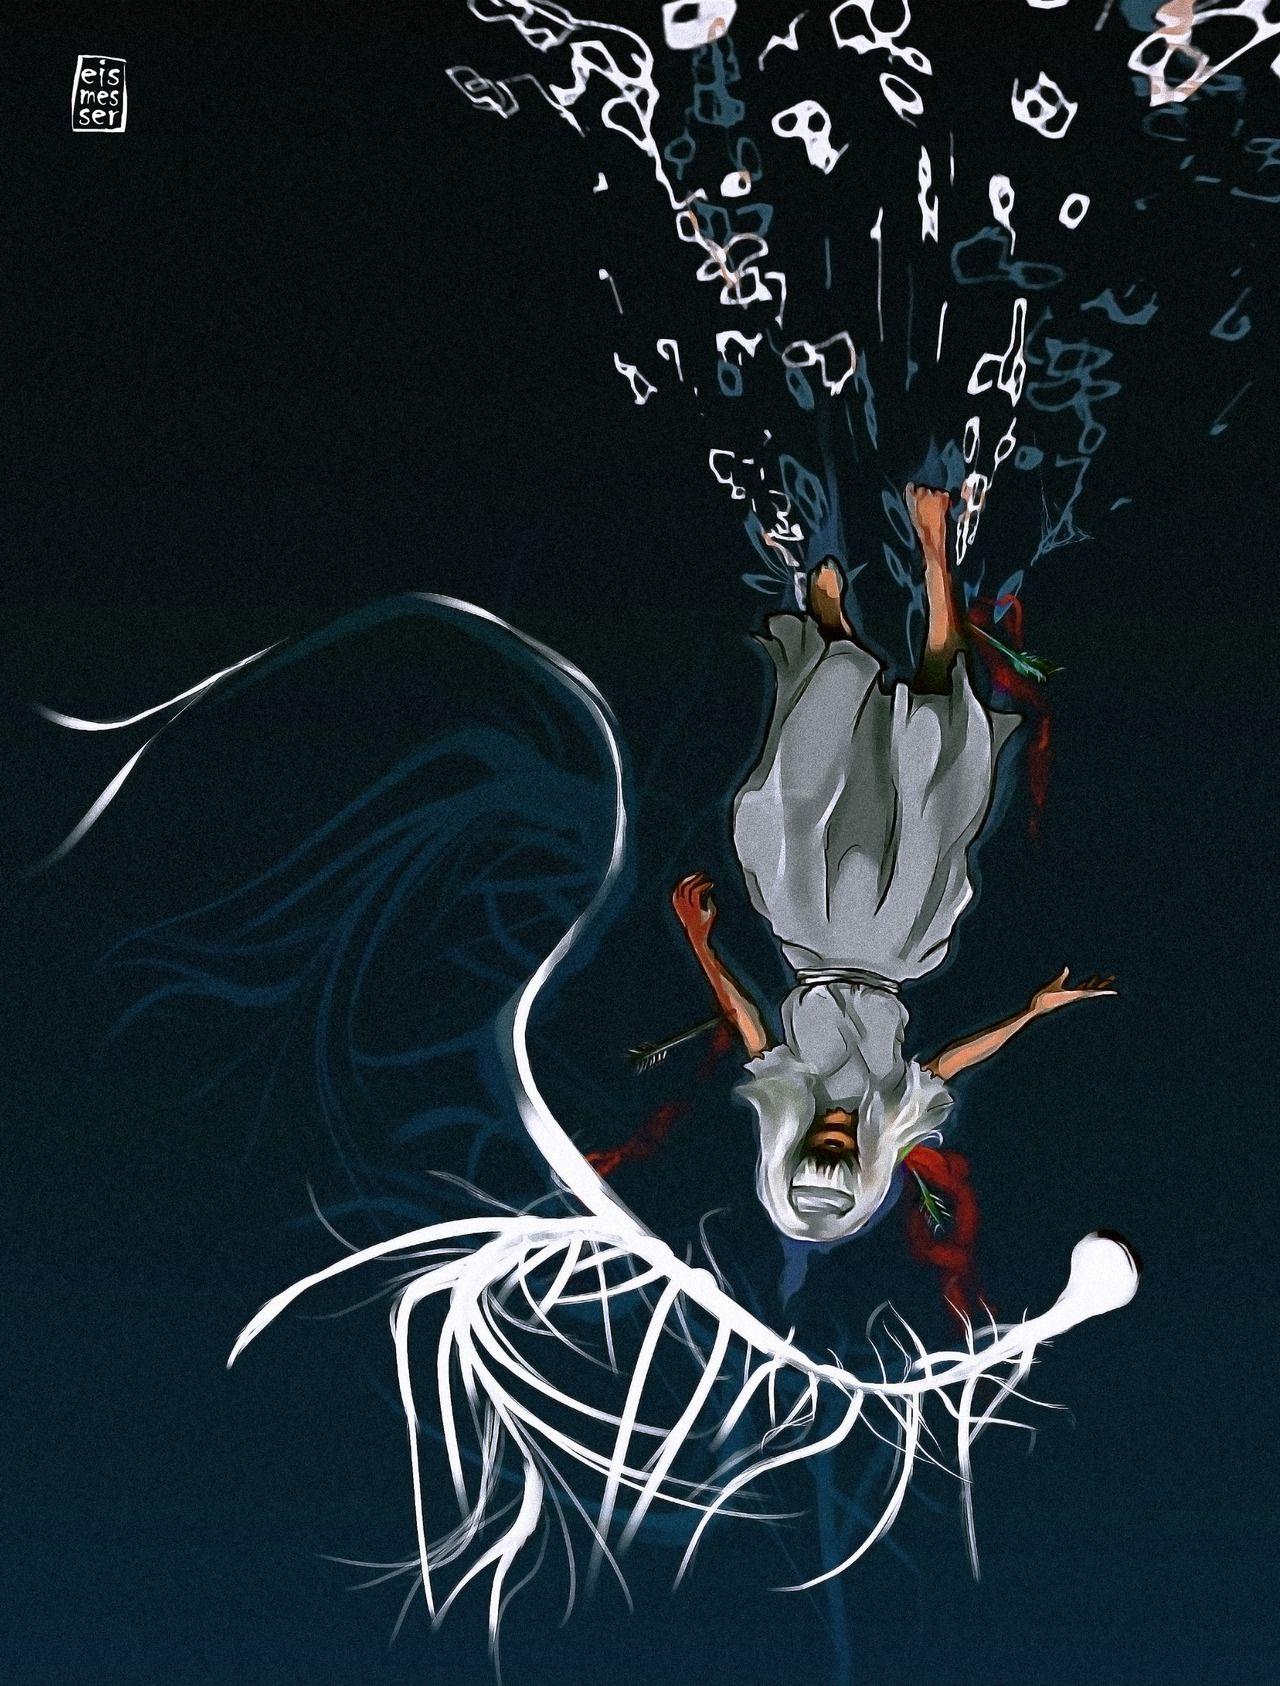 Pin By Random On Shingeki No Kyojin Attack Of The Titans Ataka Titanov É€²æ'ƒã®å·¨äºº Attack On Titan Art Attack On Titan Eren Attack On Titan Fanart